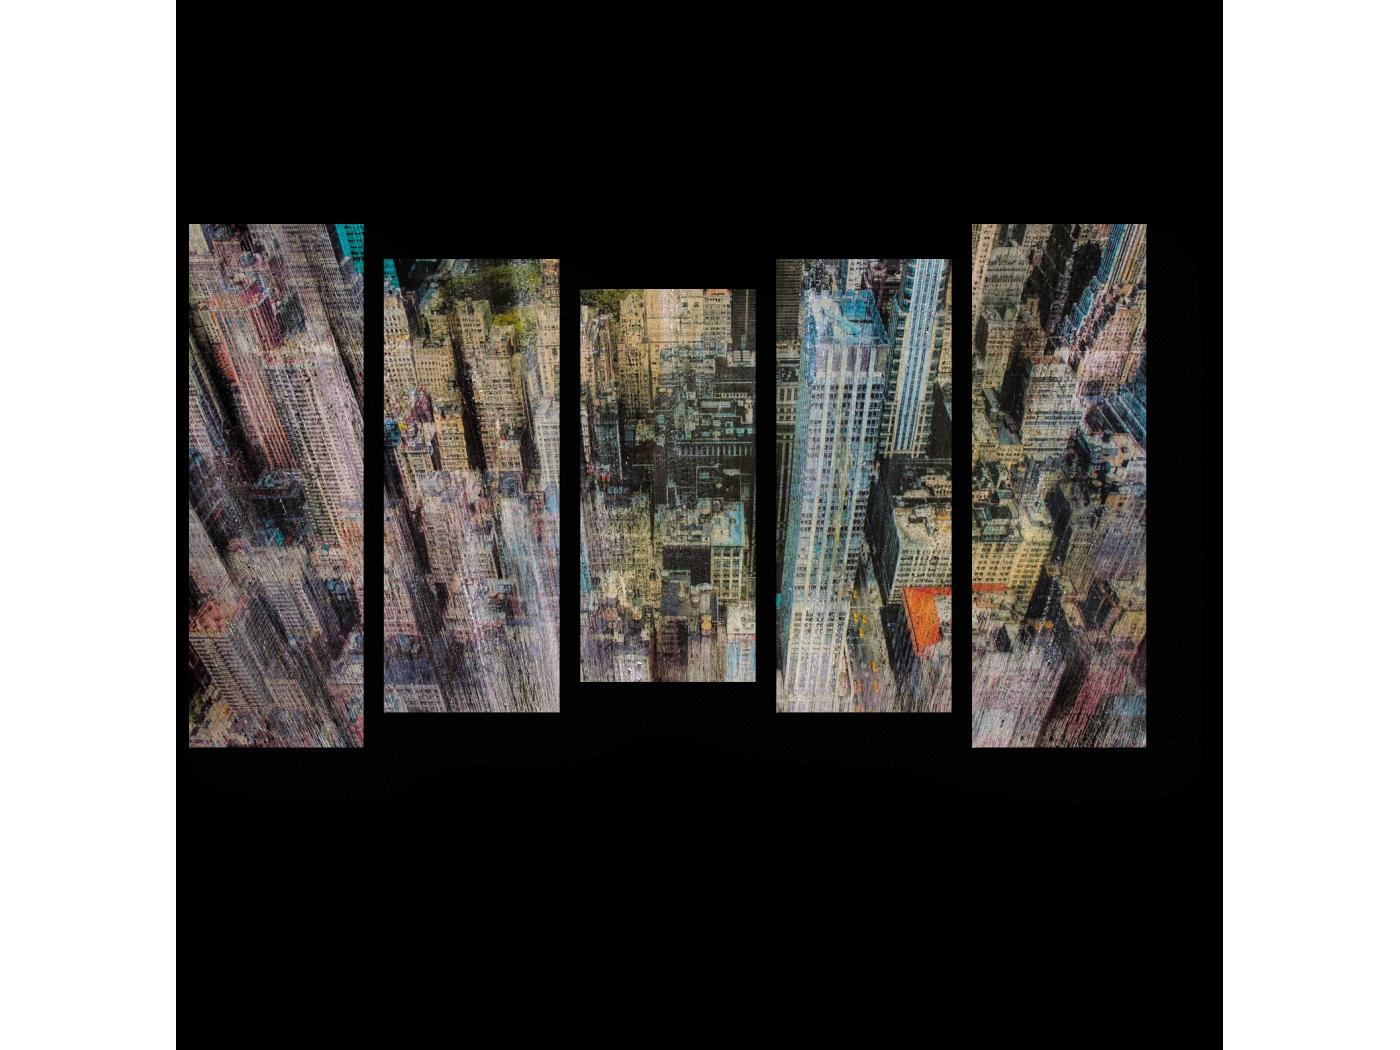 Модульная картина Размытые небоскребы (90x54) фото